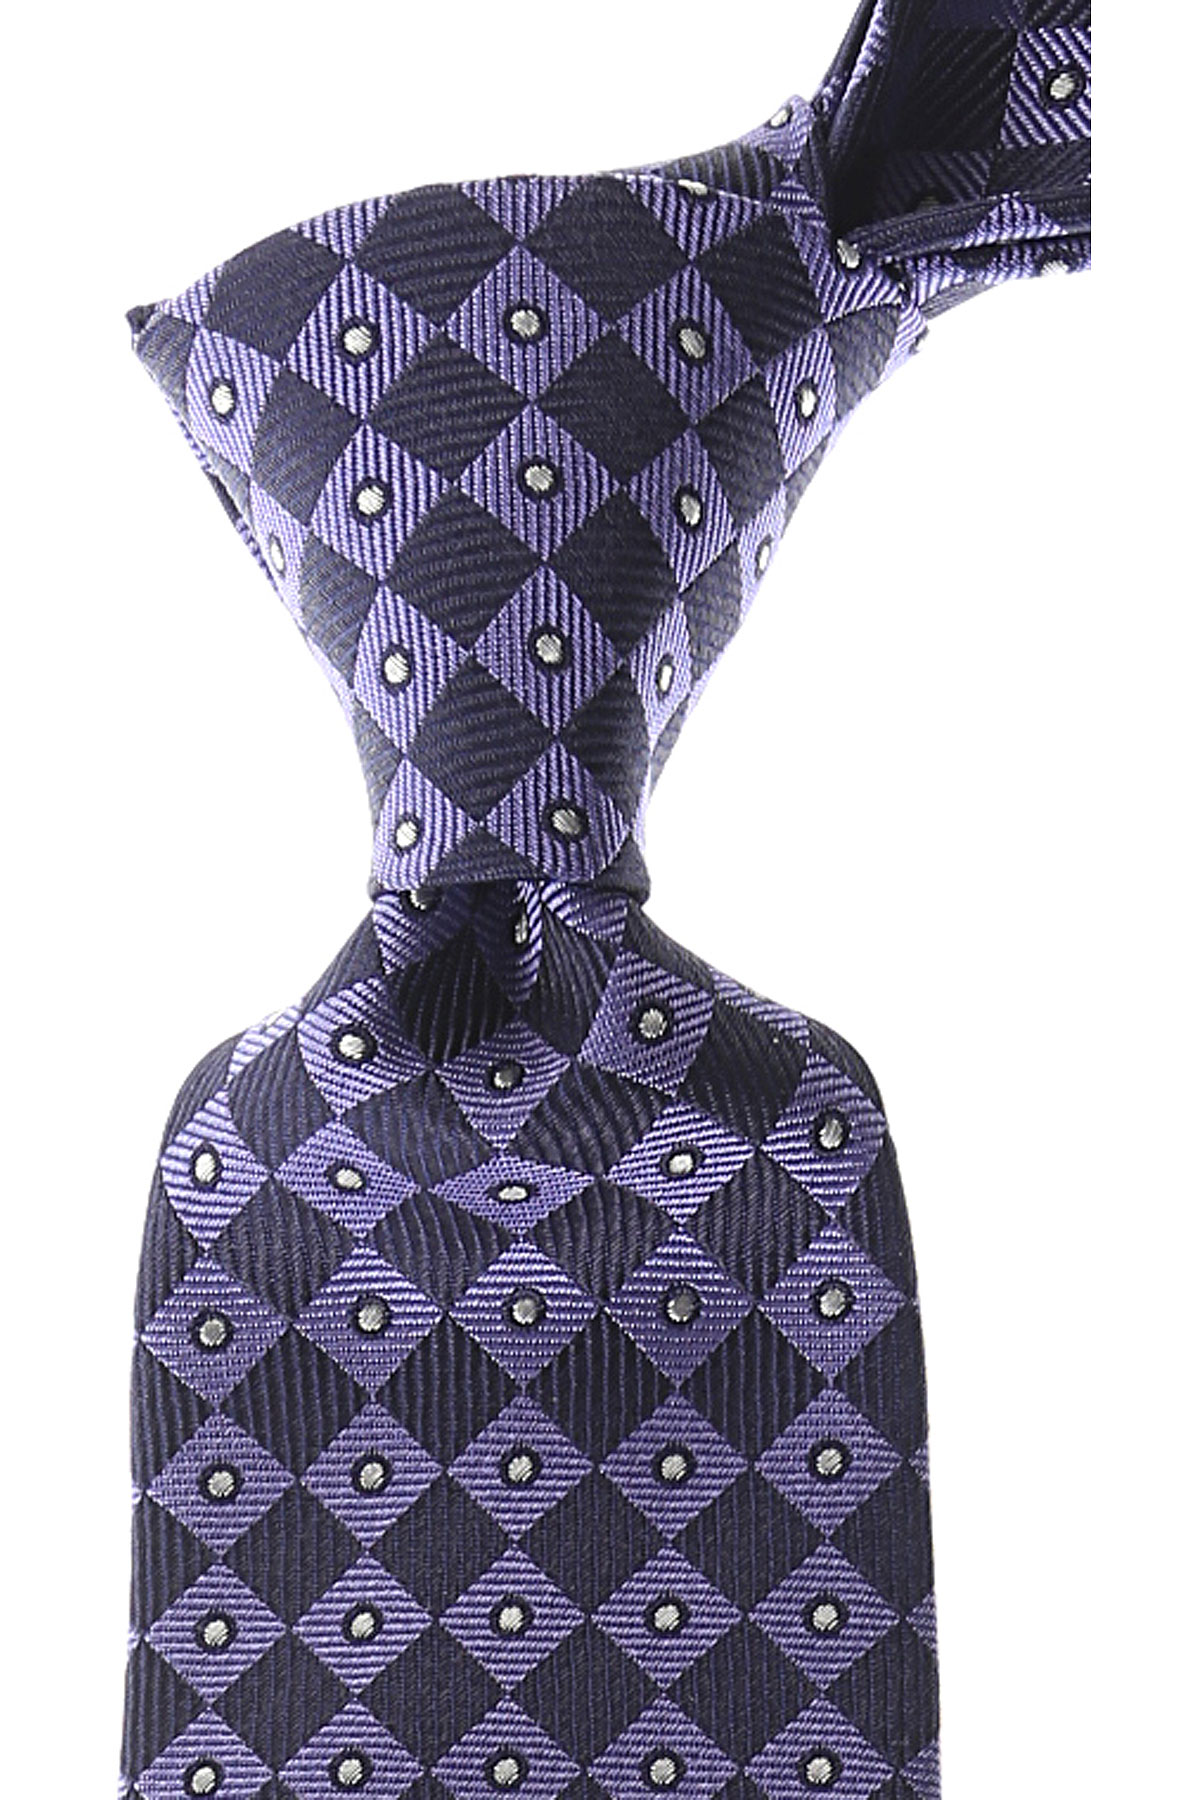 Gianni_Versace_Krawatten_Günstig_im_Sale_Violettblau_Seide_2019